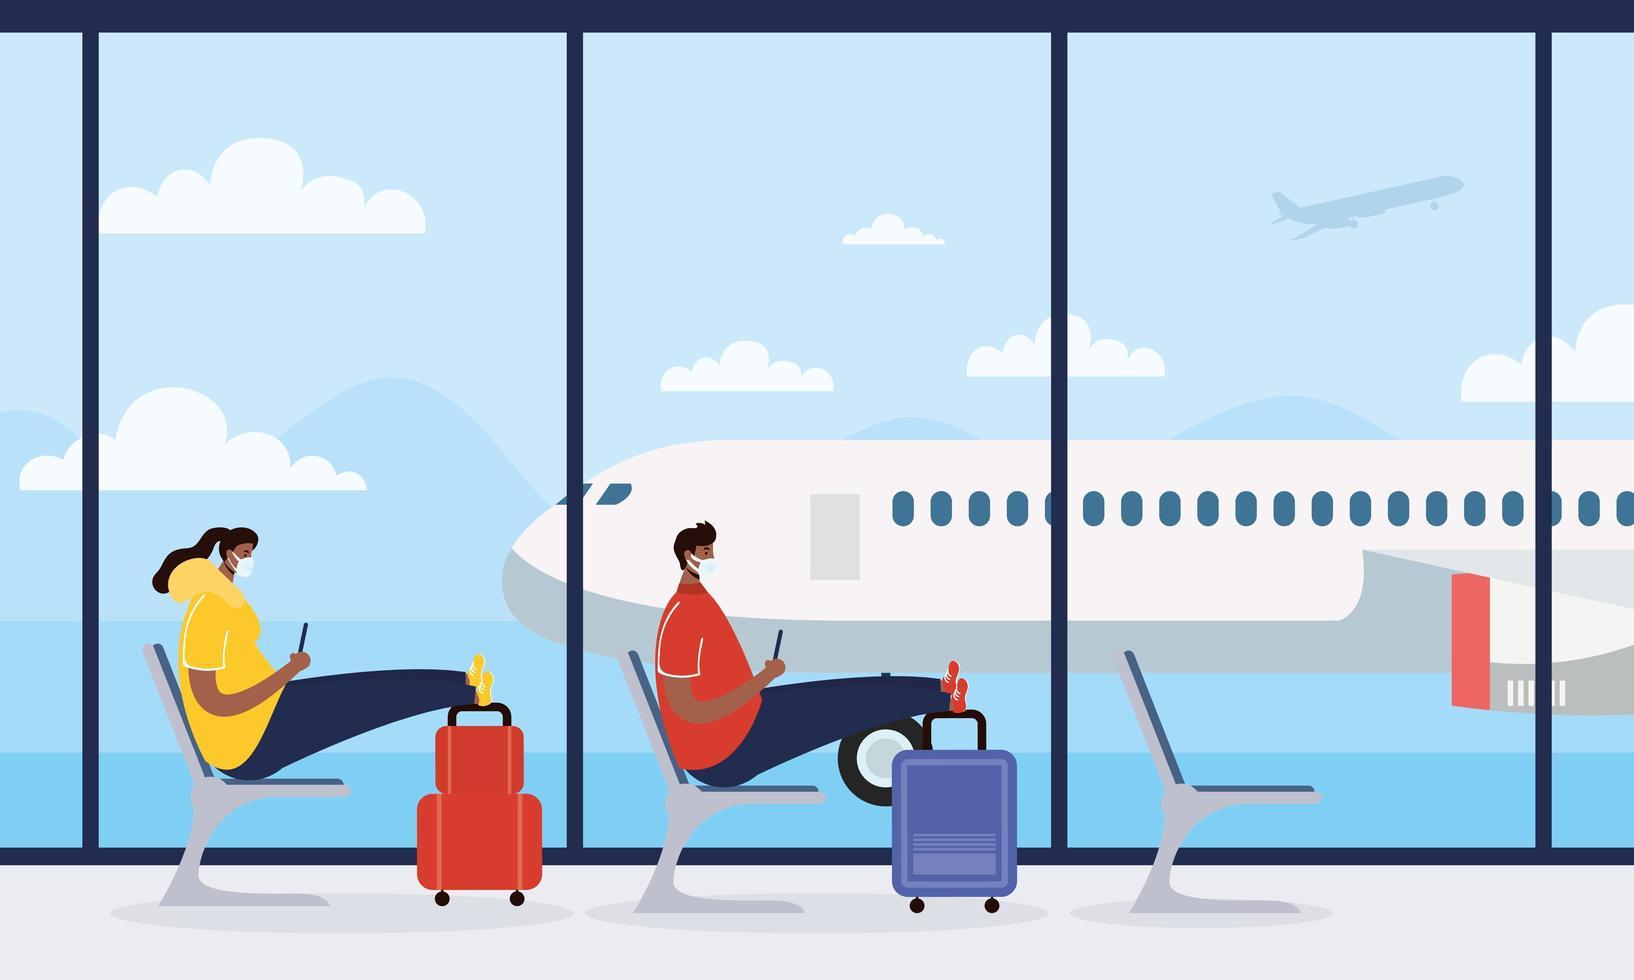 wachtkamer op de luchthaven met zittende mensen vector